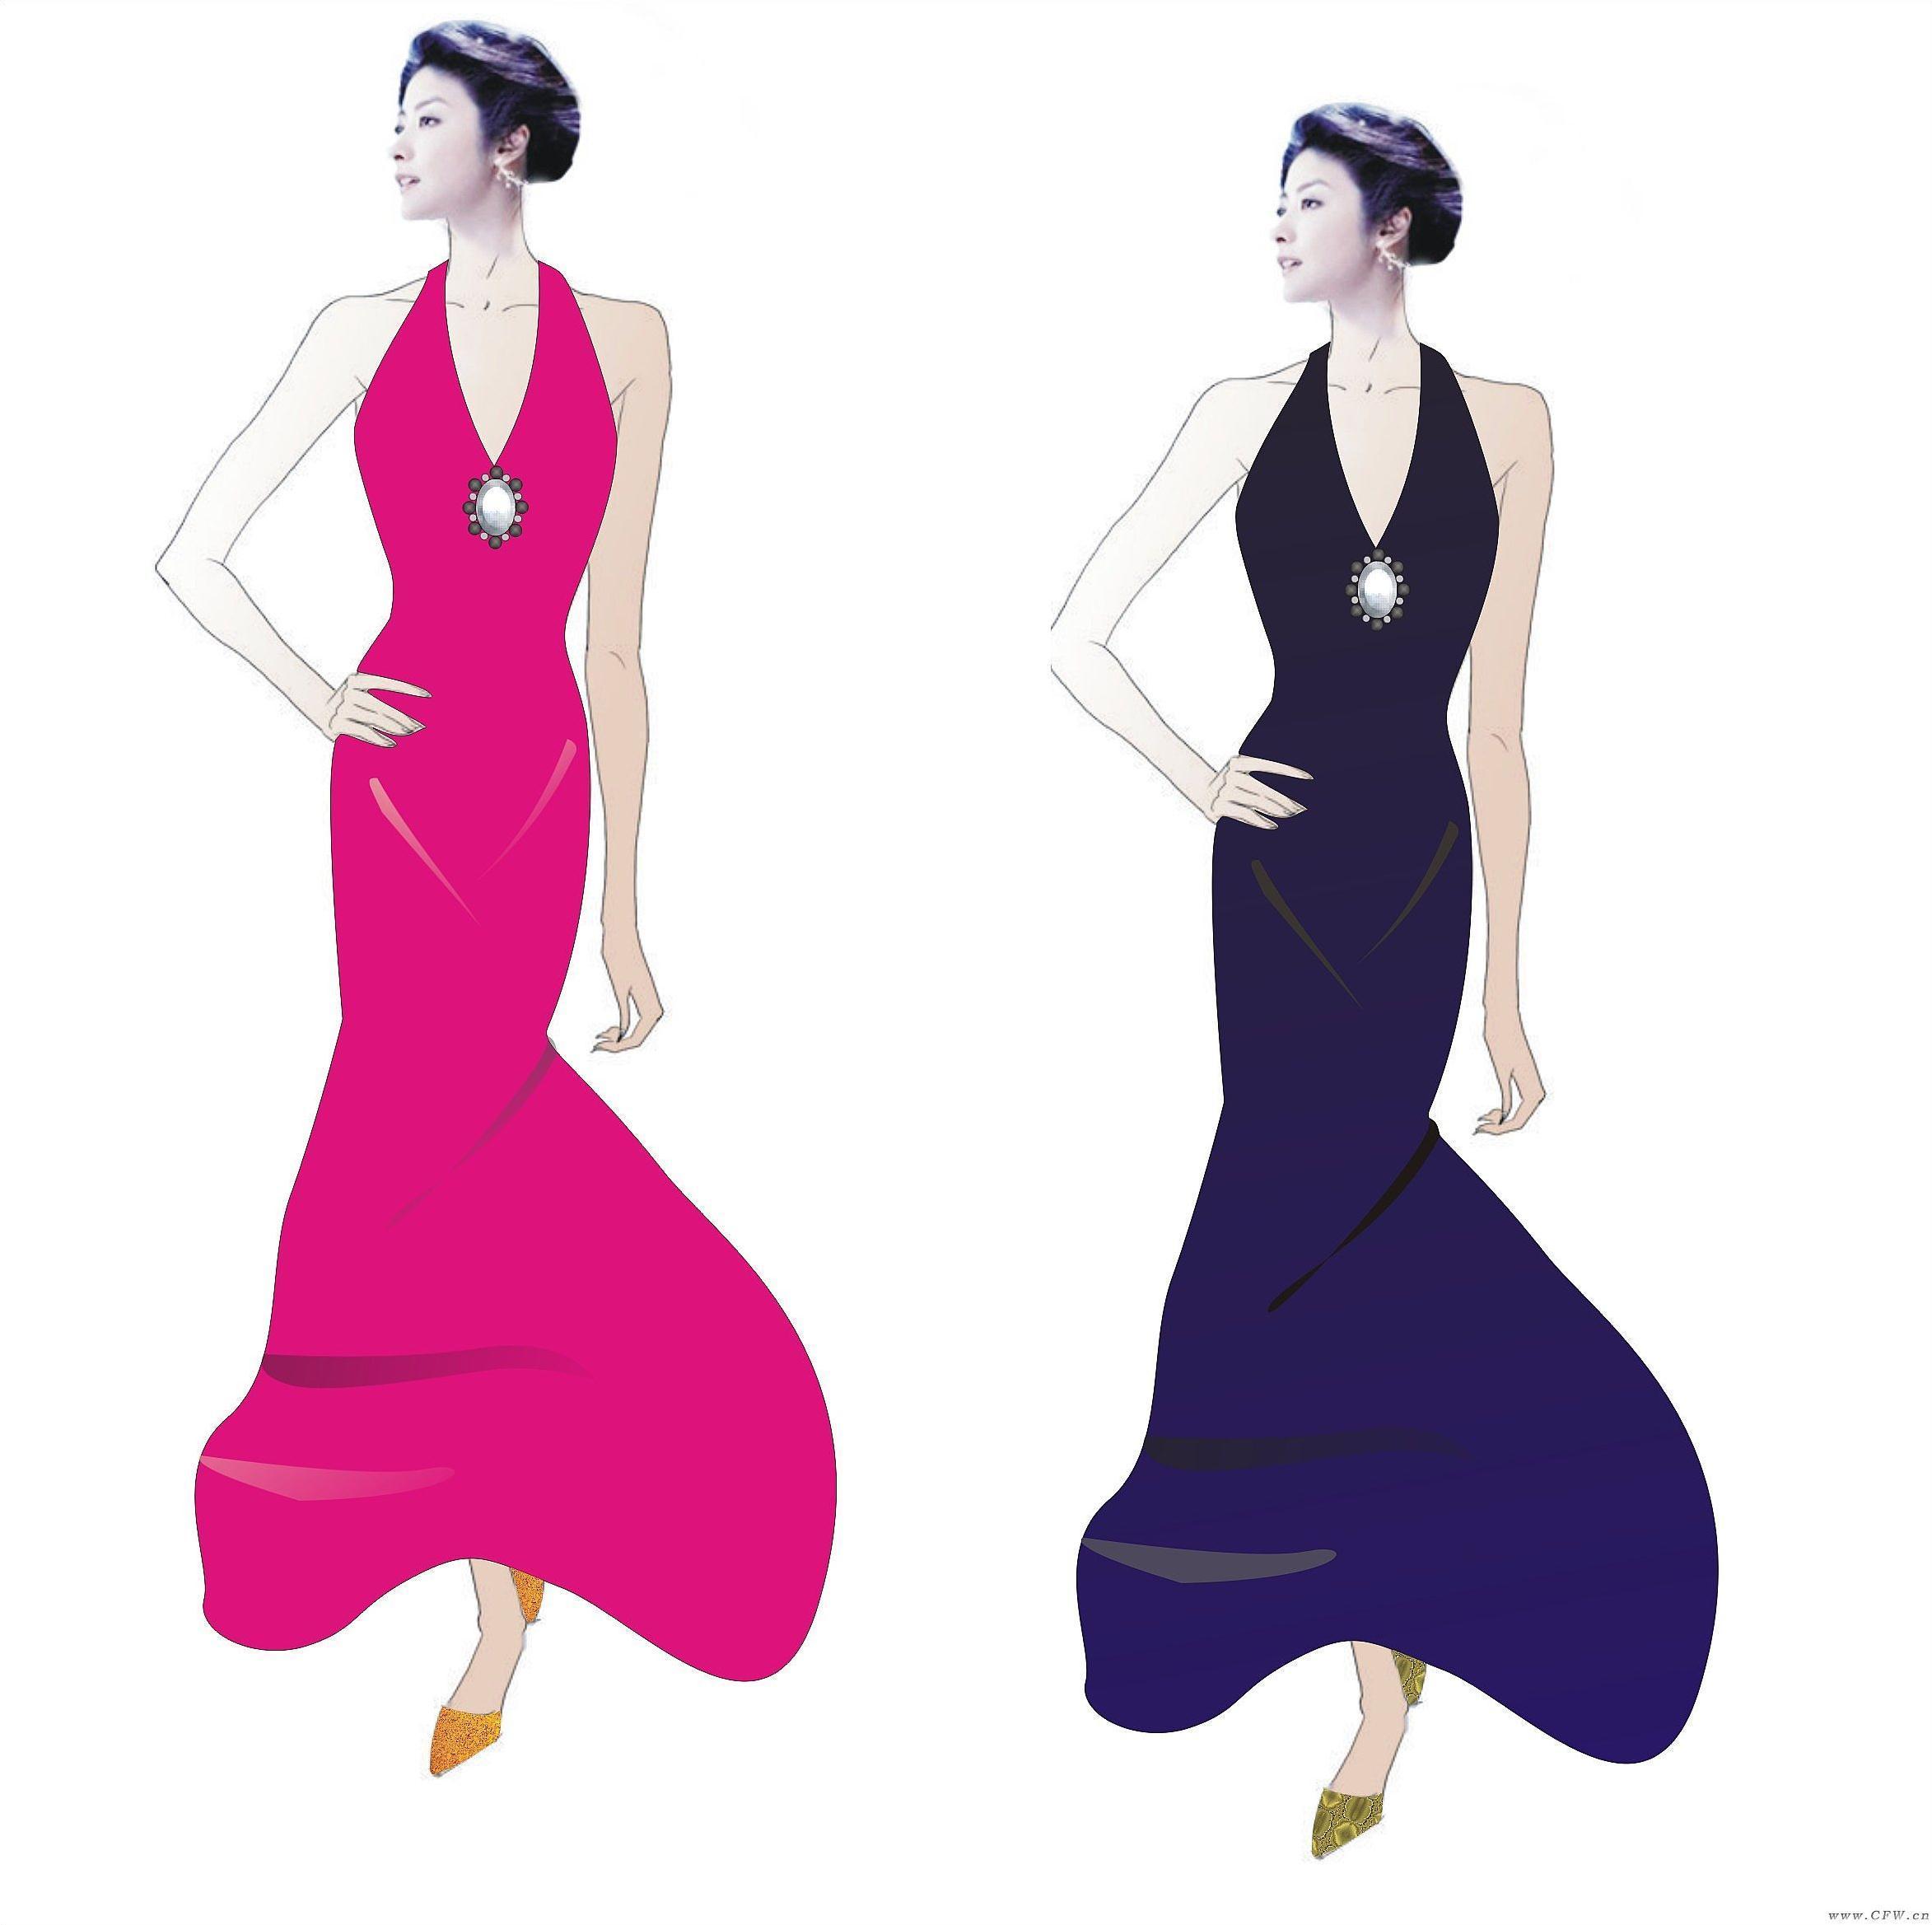 深v礼服-婚纱礼服设计-服装设计